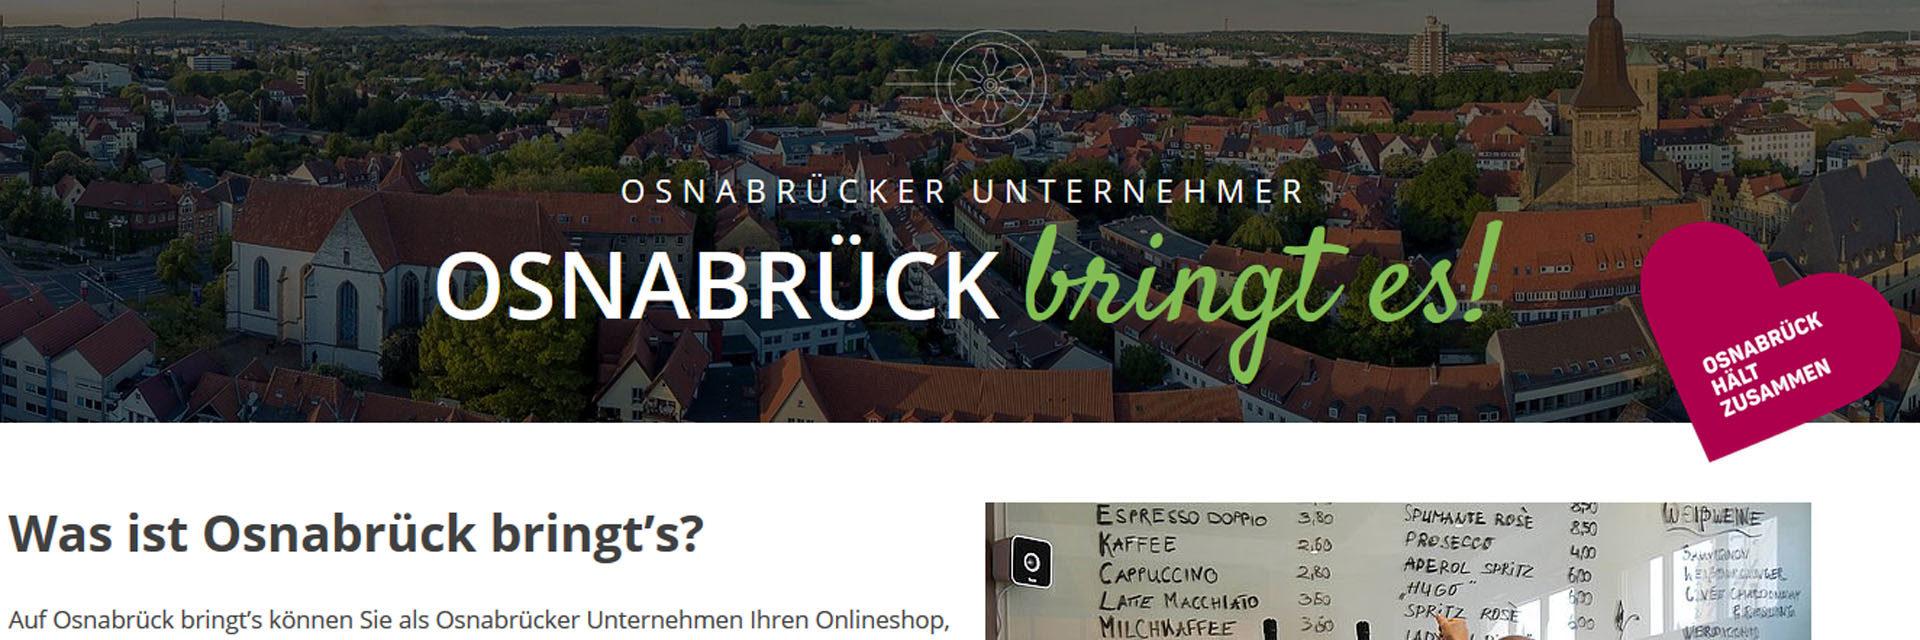 Osnabrück bringts